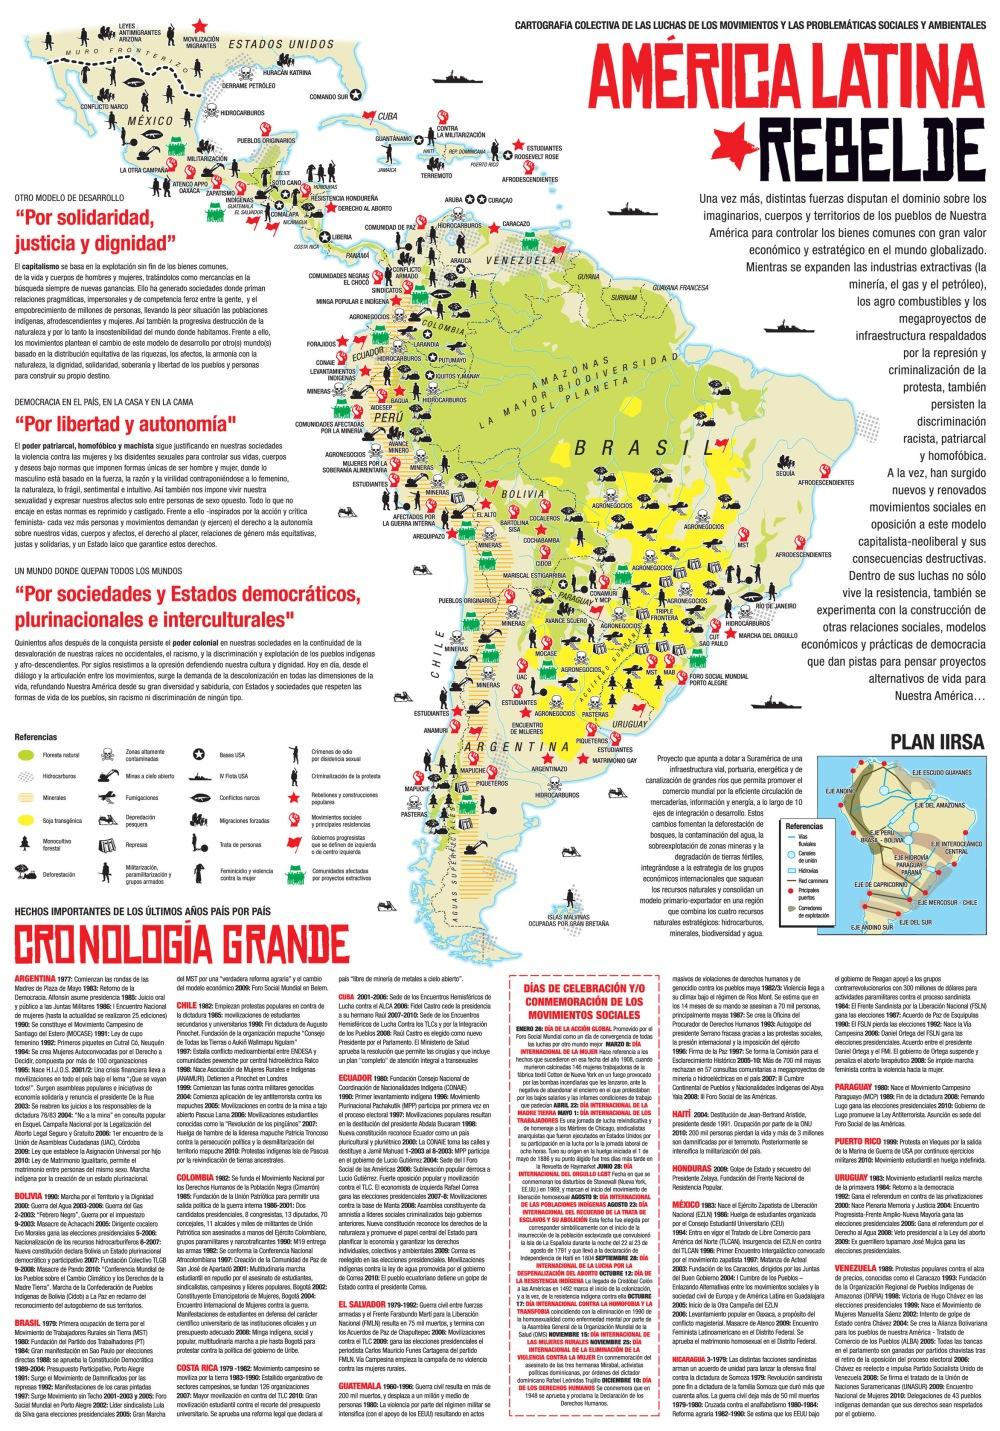 Mapeo colectivo América Latina Rebelde (fuente: http://www.iconoclasistas.net)